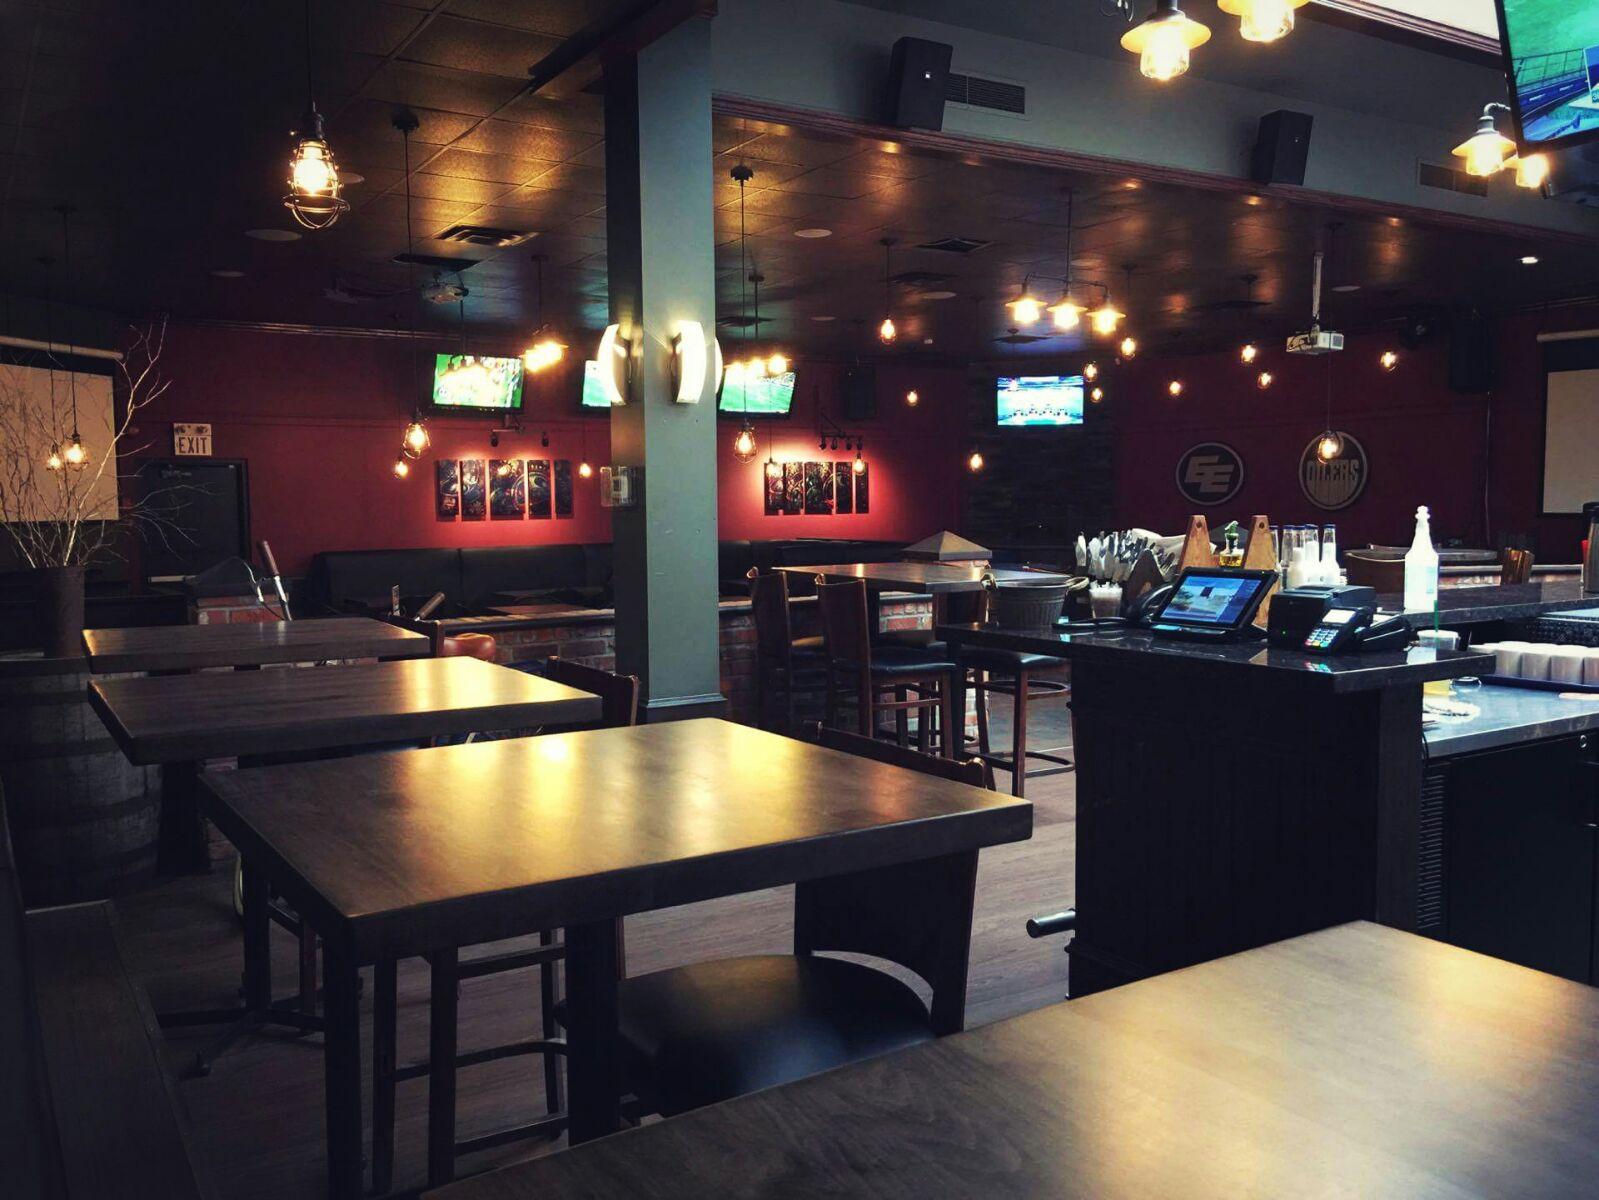 restaurants around my location